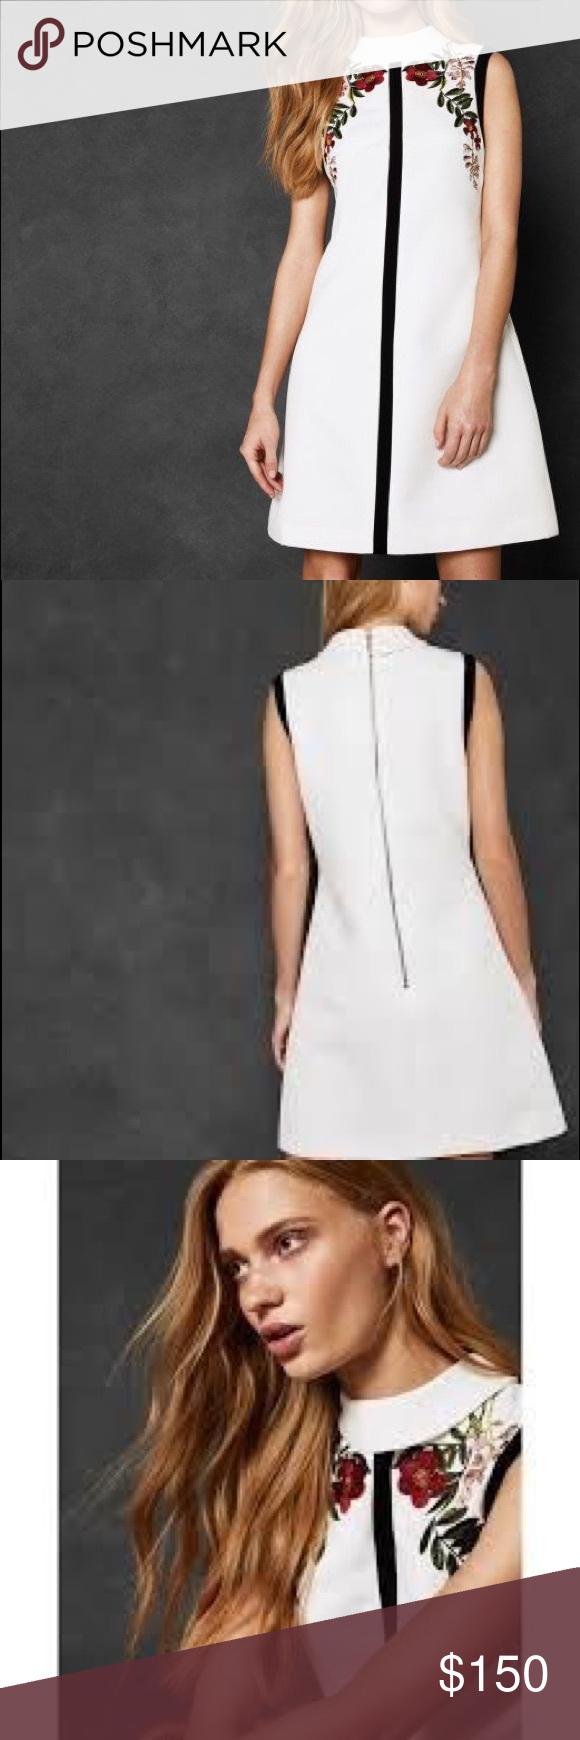 03de889f9d9 Ted Baker AIMMIIDKirstenbosch Tunic Dresss NWOT Kirstenbosch high neck  tunic dress. Go from work to